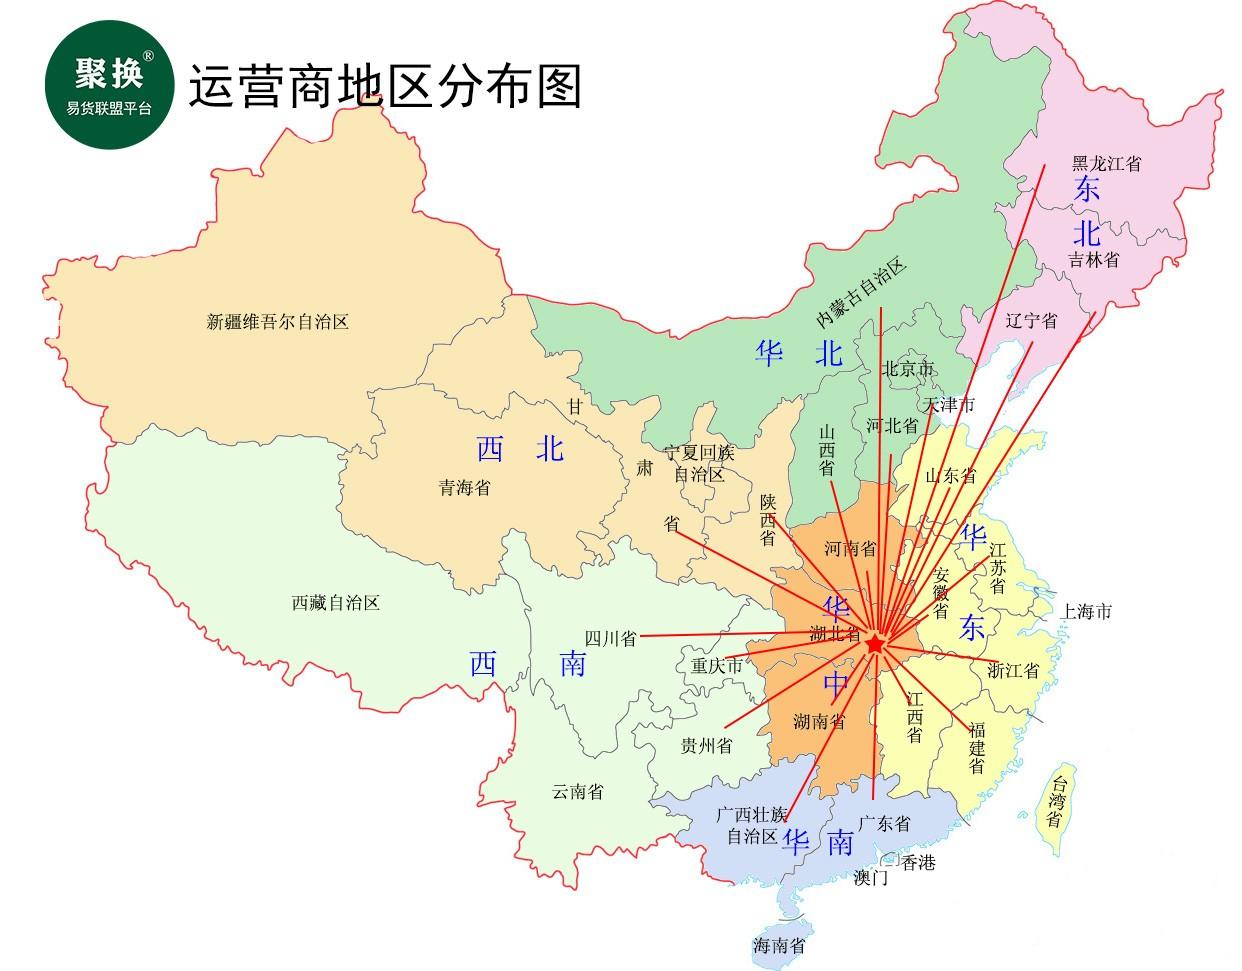 地区分布图.jpg